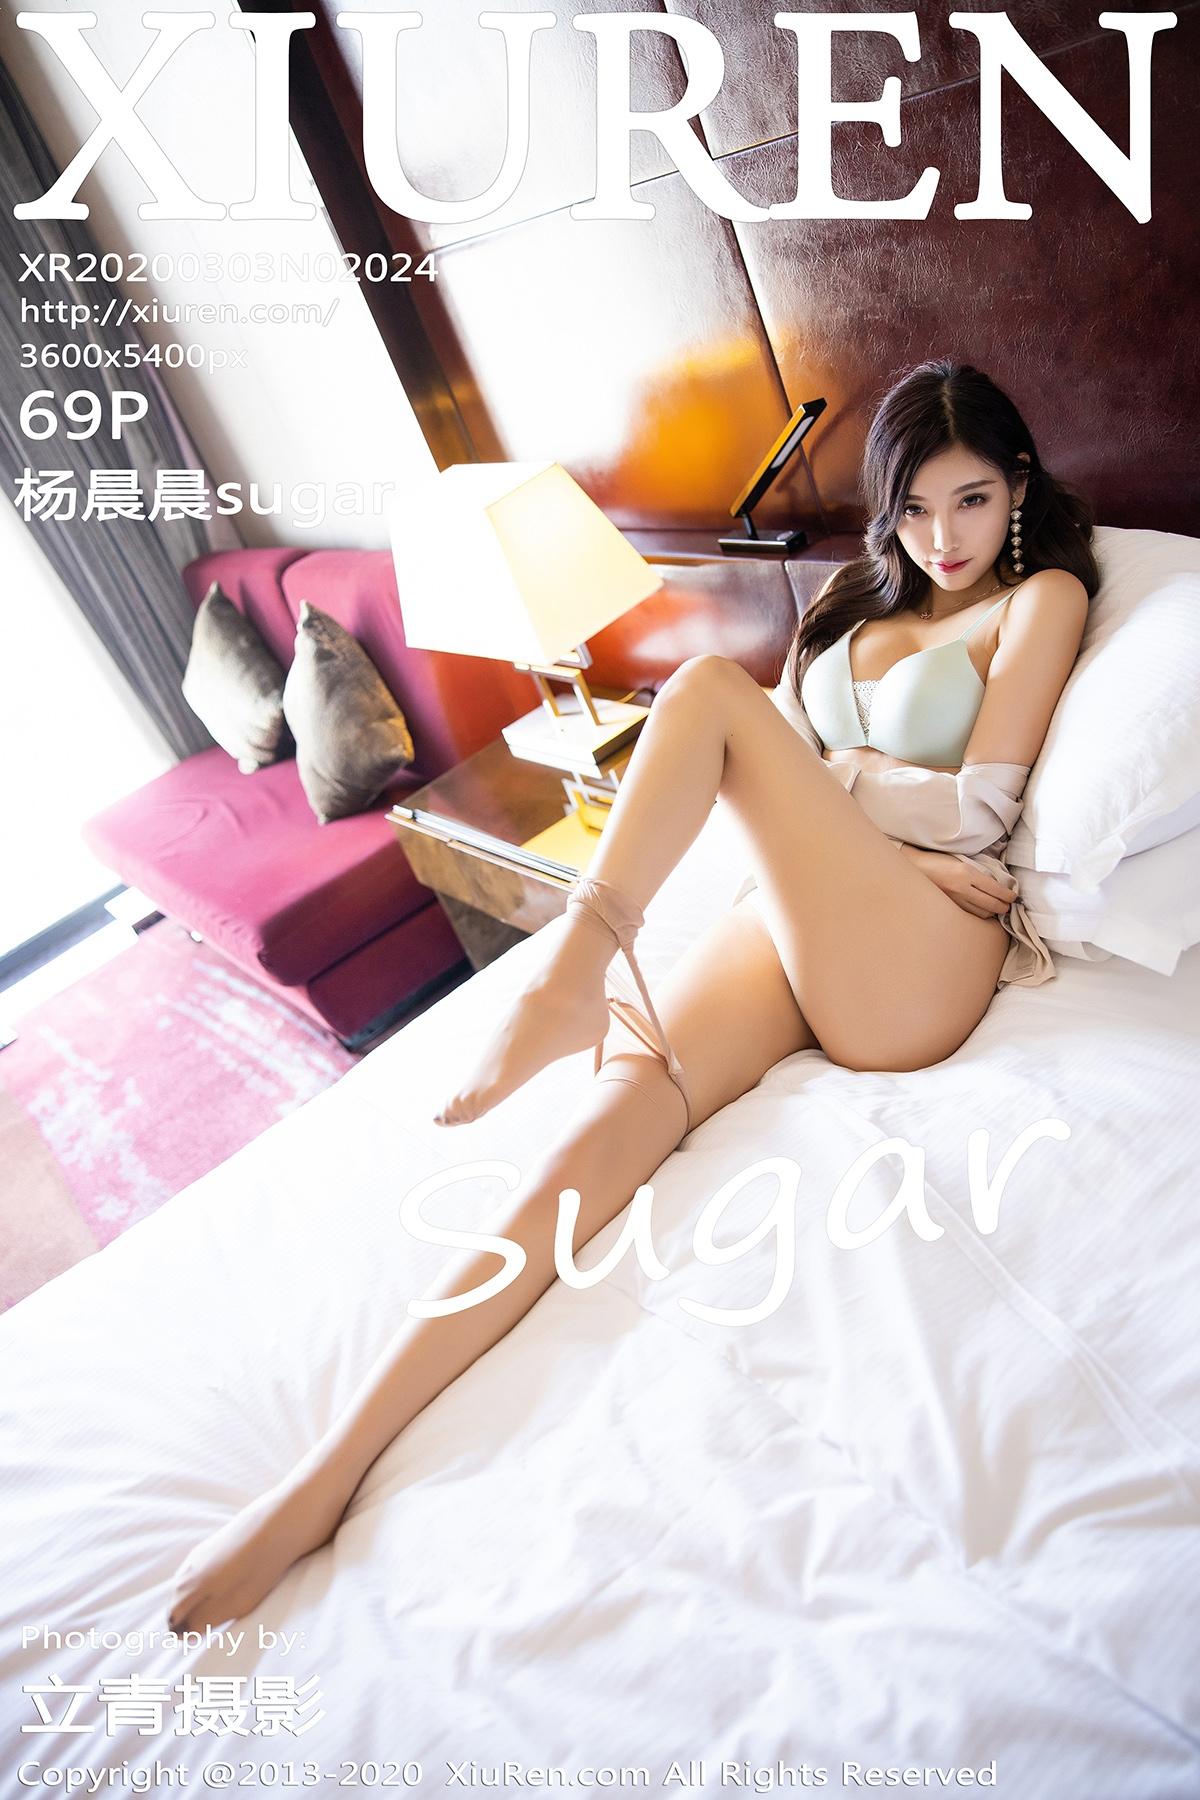 [XiuRen秀人网]2020.03.03 No.2024 杨晨晨sugar 丝袜 美胸[/254MB]